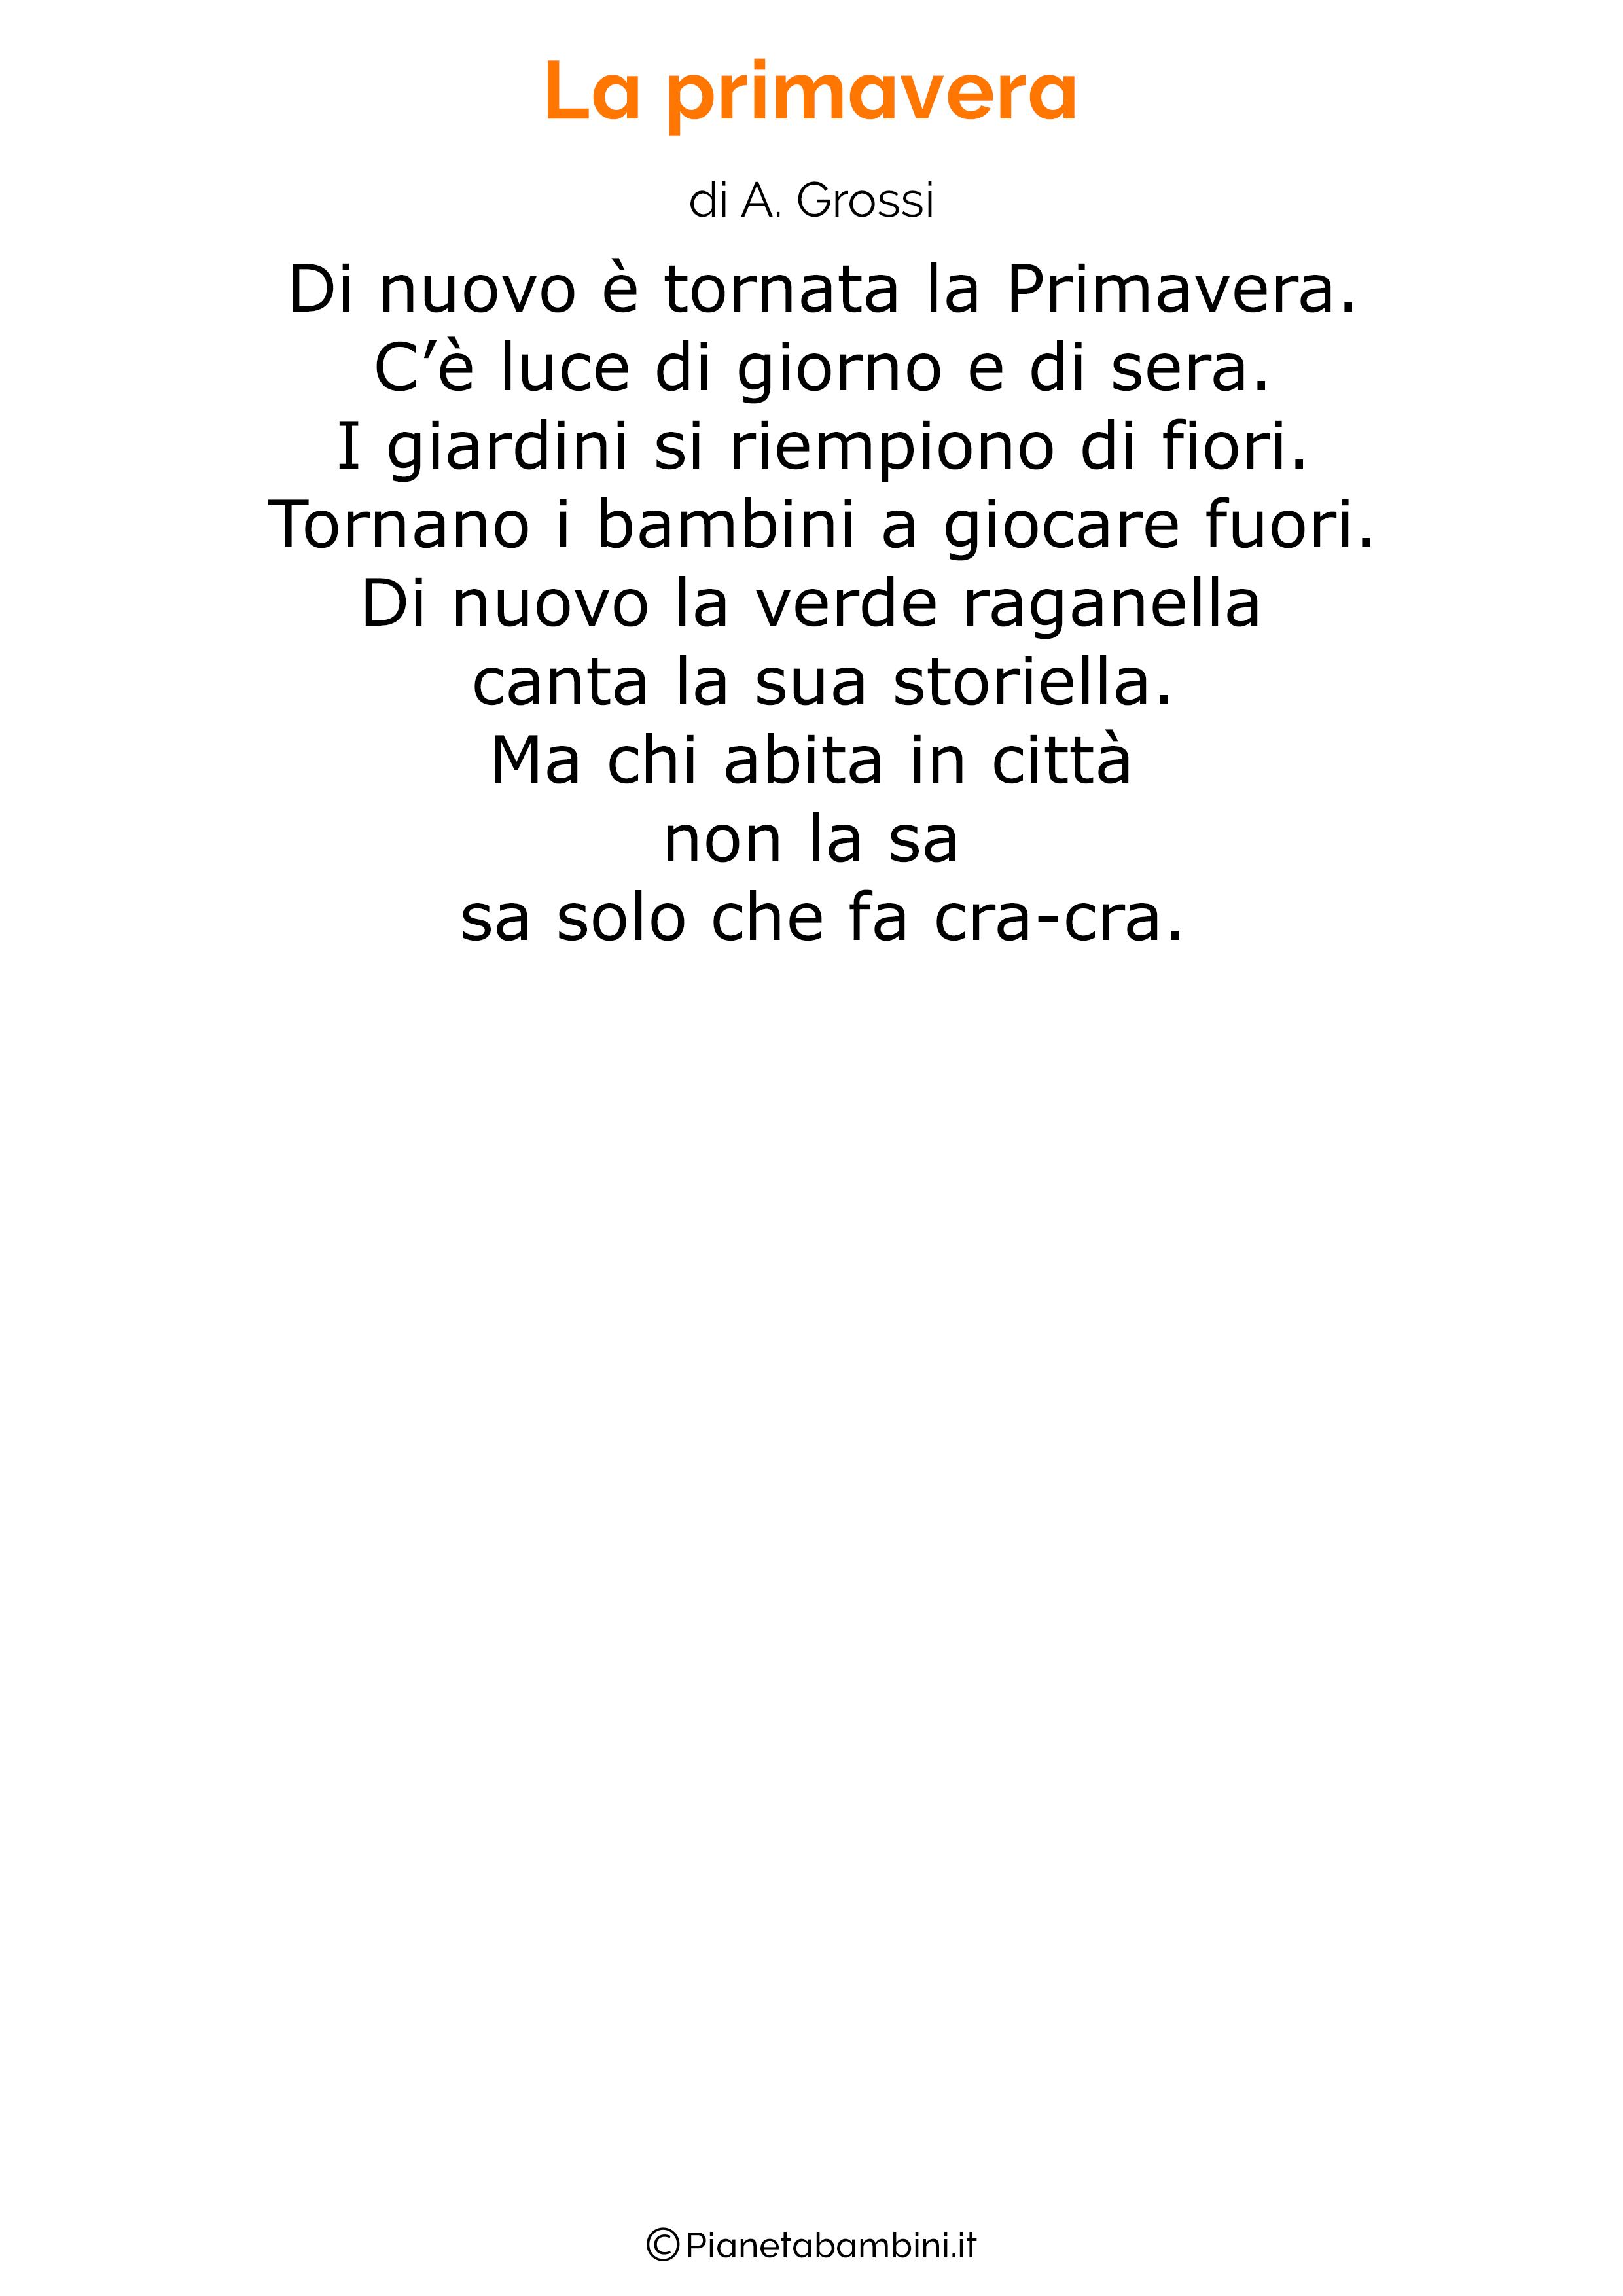 Poesia sulla Primavera 31